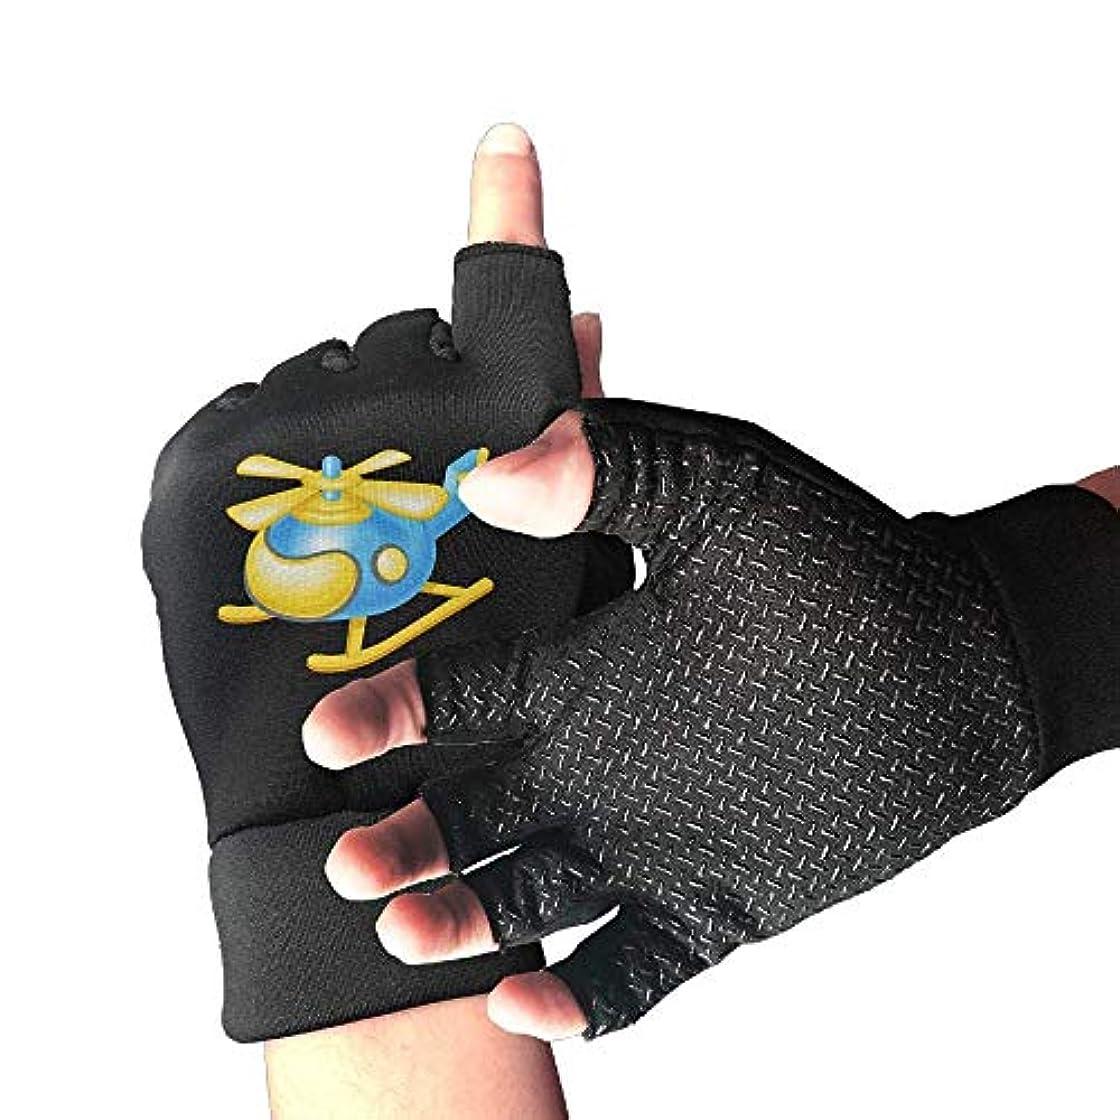 ラバマラウイ関数Cycling Gloves Blue-Yellow Plane Men's/Women's Mountain Bike Gloves Half Finger Anti-Slip Motorcycle Gloves